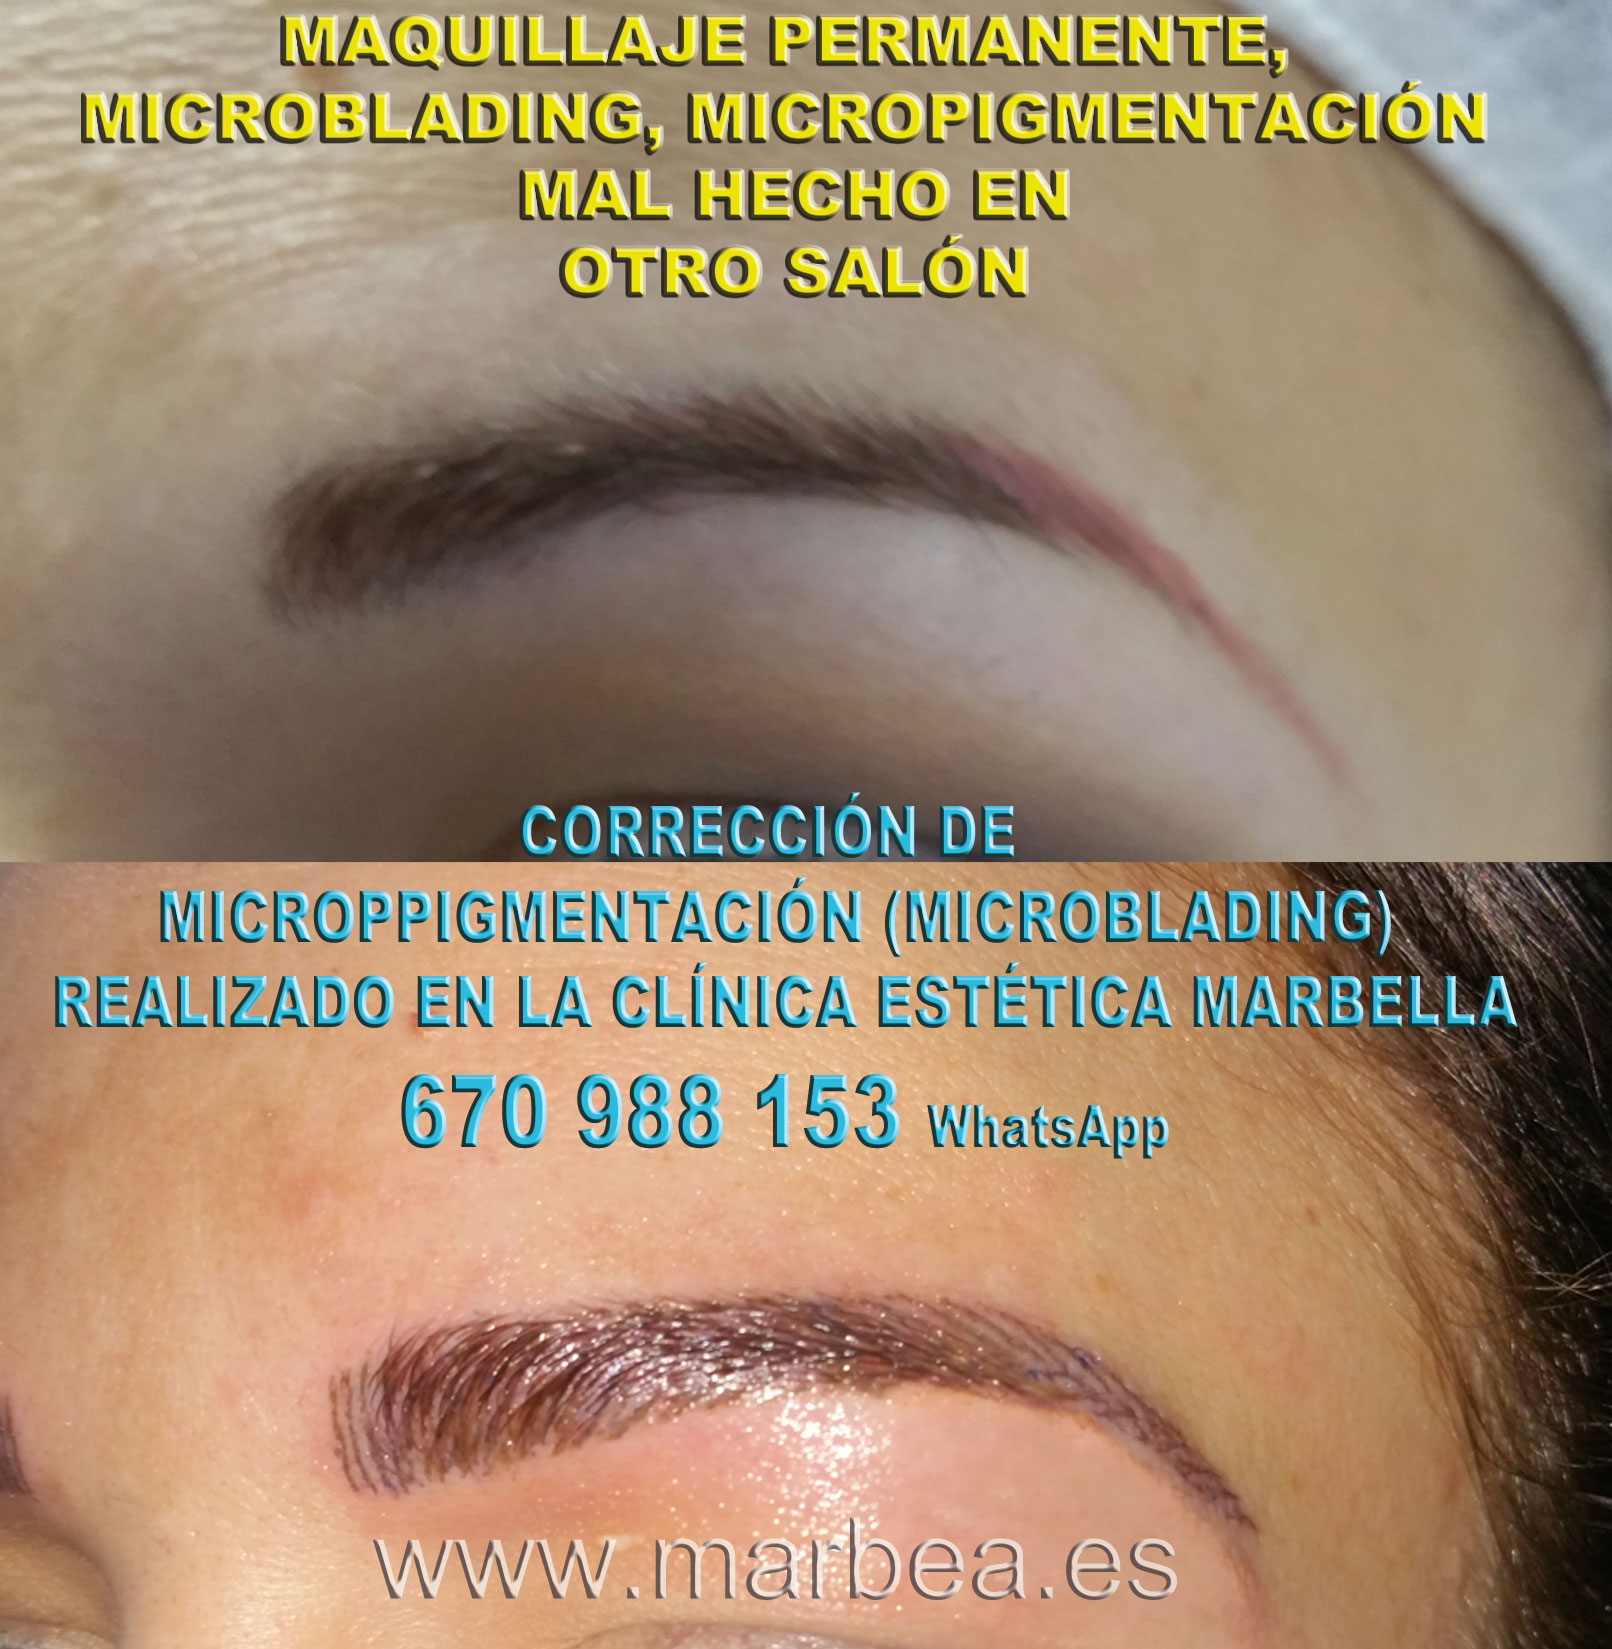 ELIMINAR MICROBLADING CEJAS clínica estética micropigmentación propone corrección de cejas mal tatuadas,corregir micropigmentación mal hecha